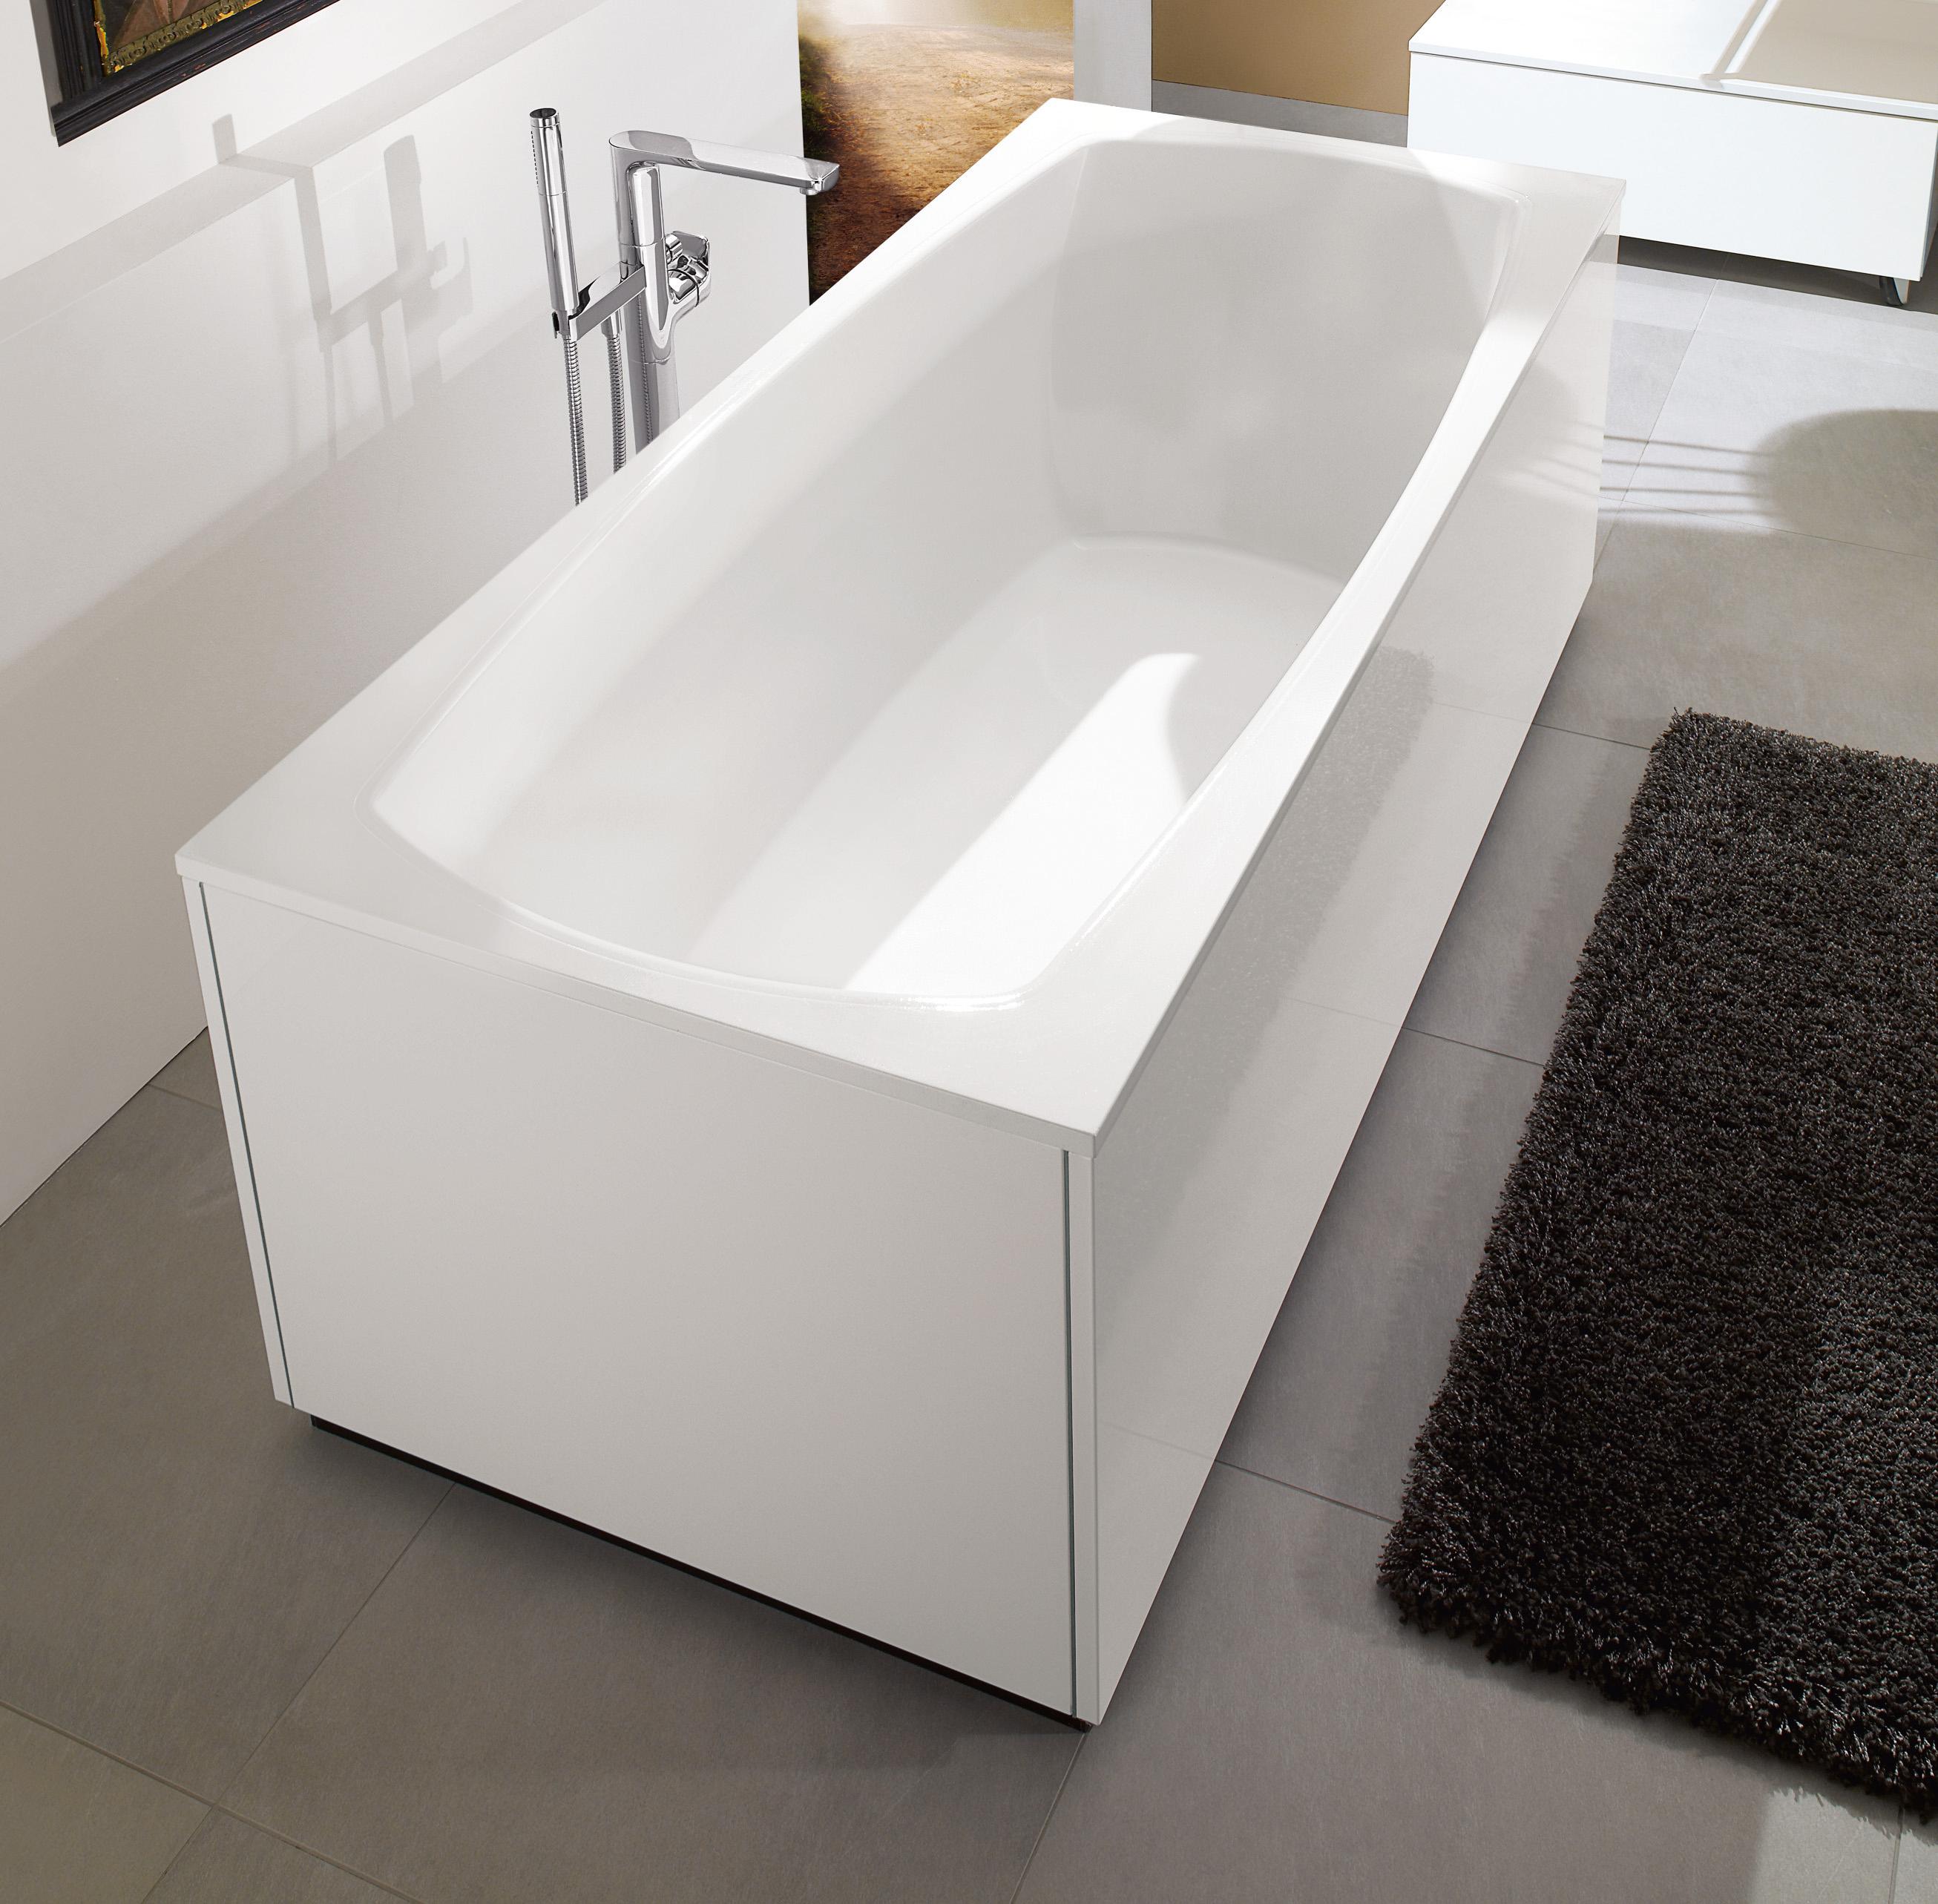 My Art Bath, Baths, Square baths